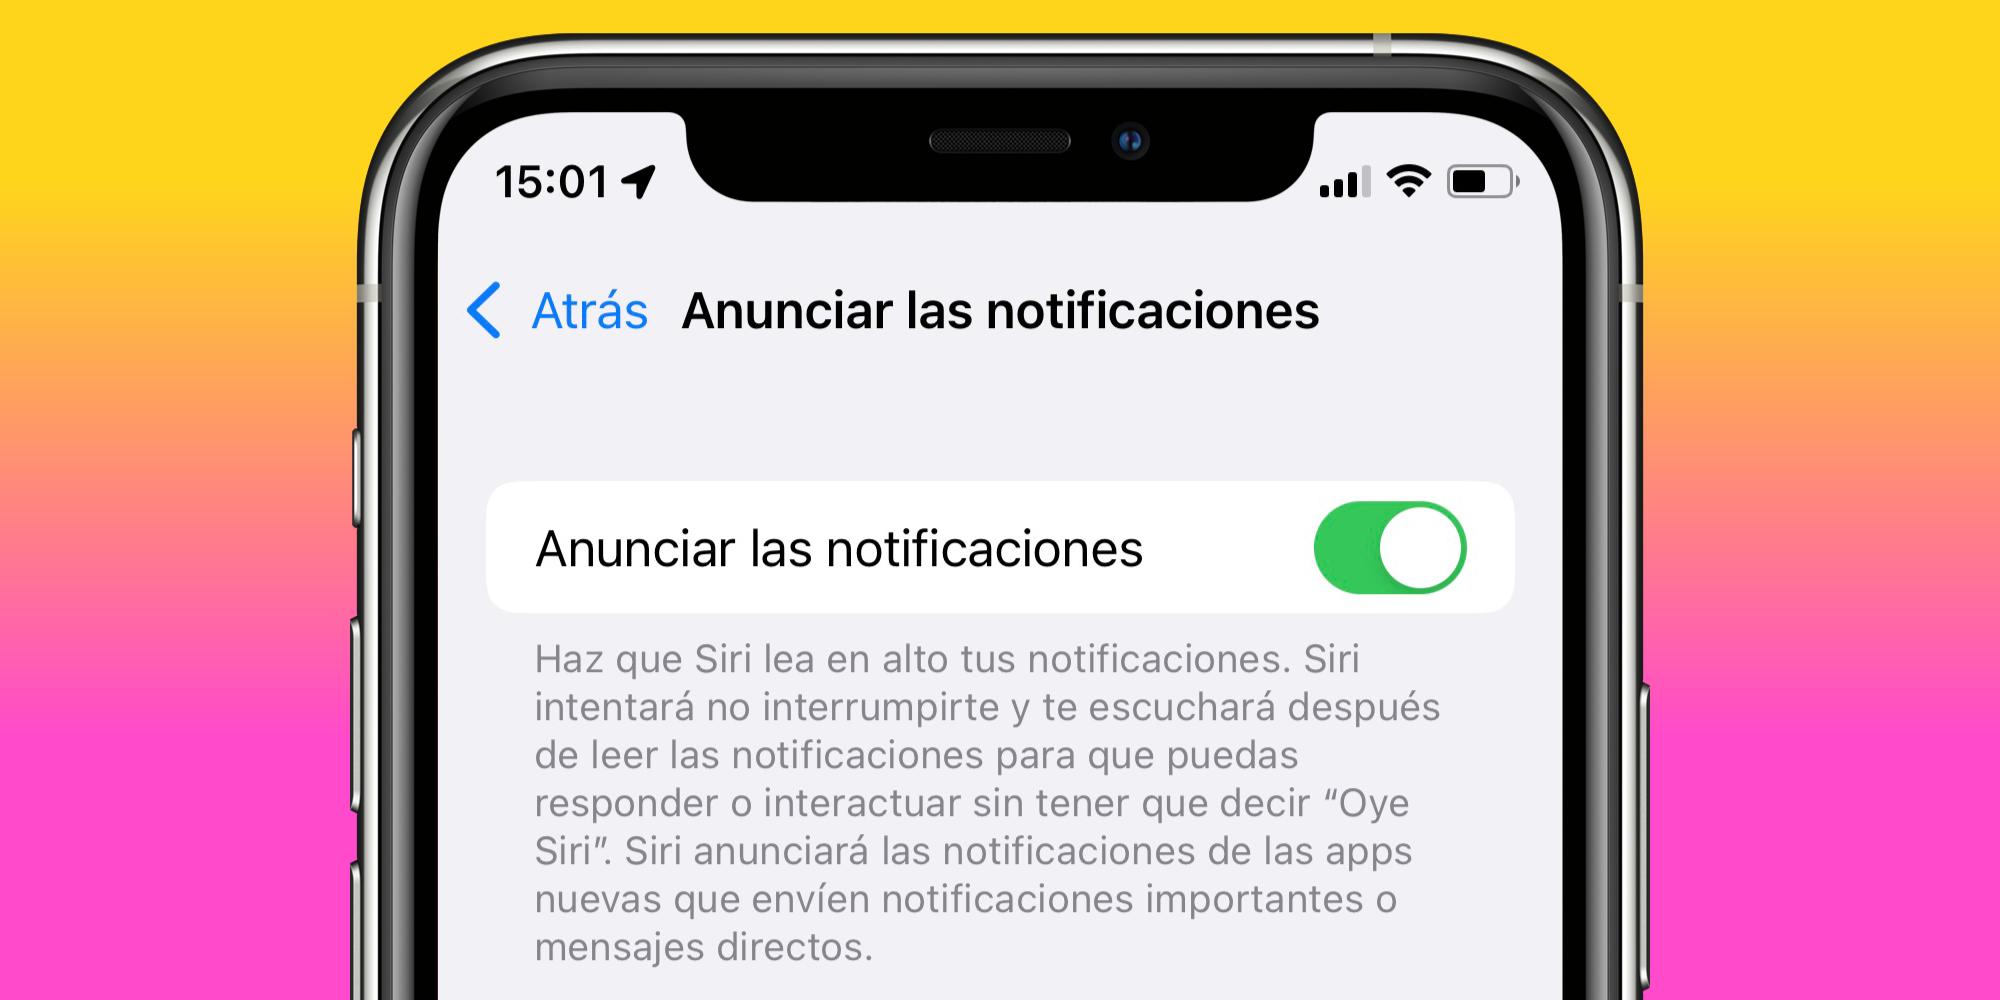 Qué es y cómo utilizar la función de anunciar notificaciones en nuestro iPhone o iPad con iOS 15